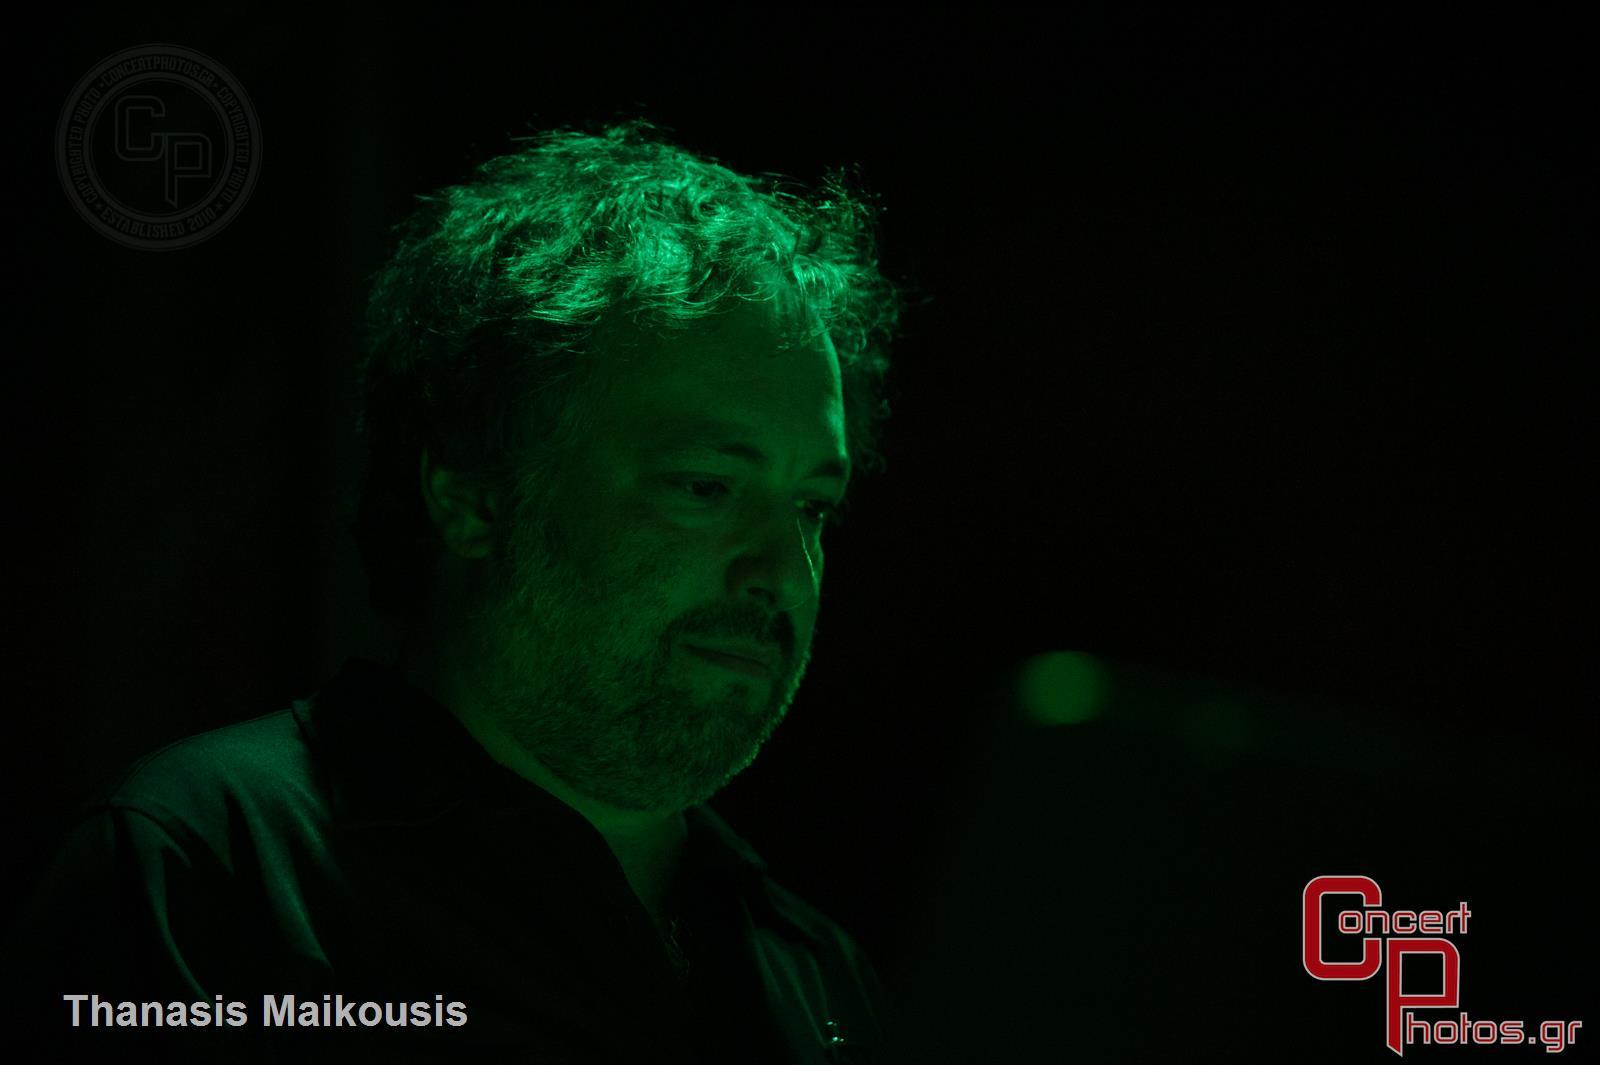 En Lefko 2014-En Lefko 2014 photographer: Thanasis Maikousis - concertphotos_20140621_22_50_31